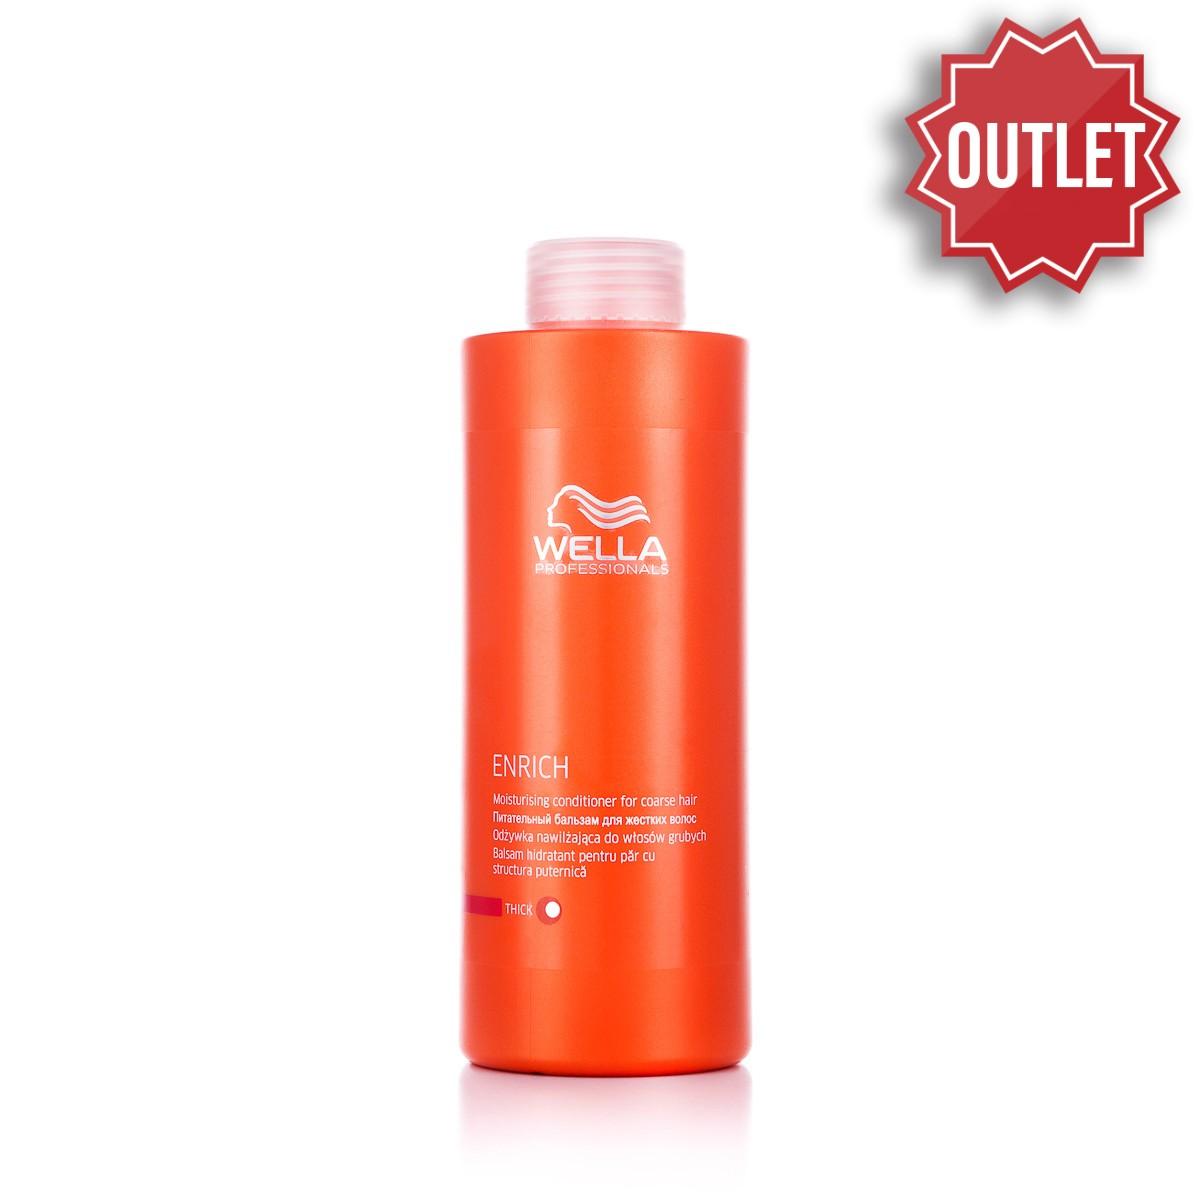 Odżywka nawilżająca do włosów grubych (OUTLET)